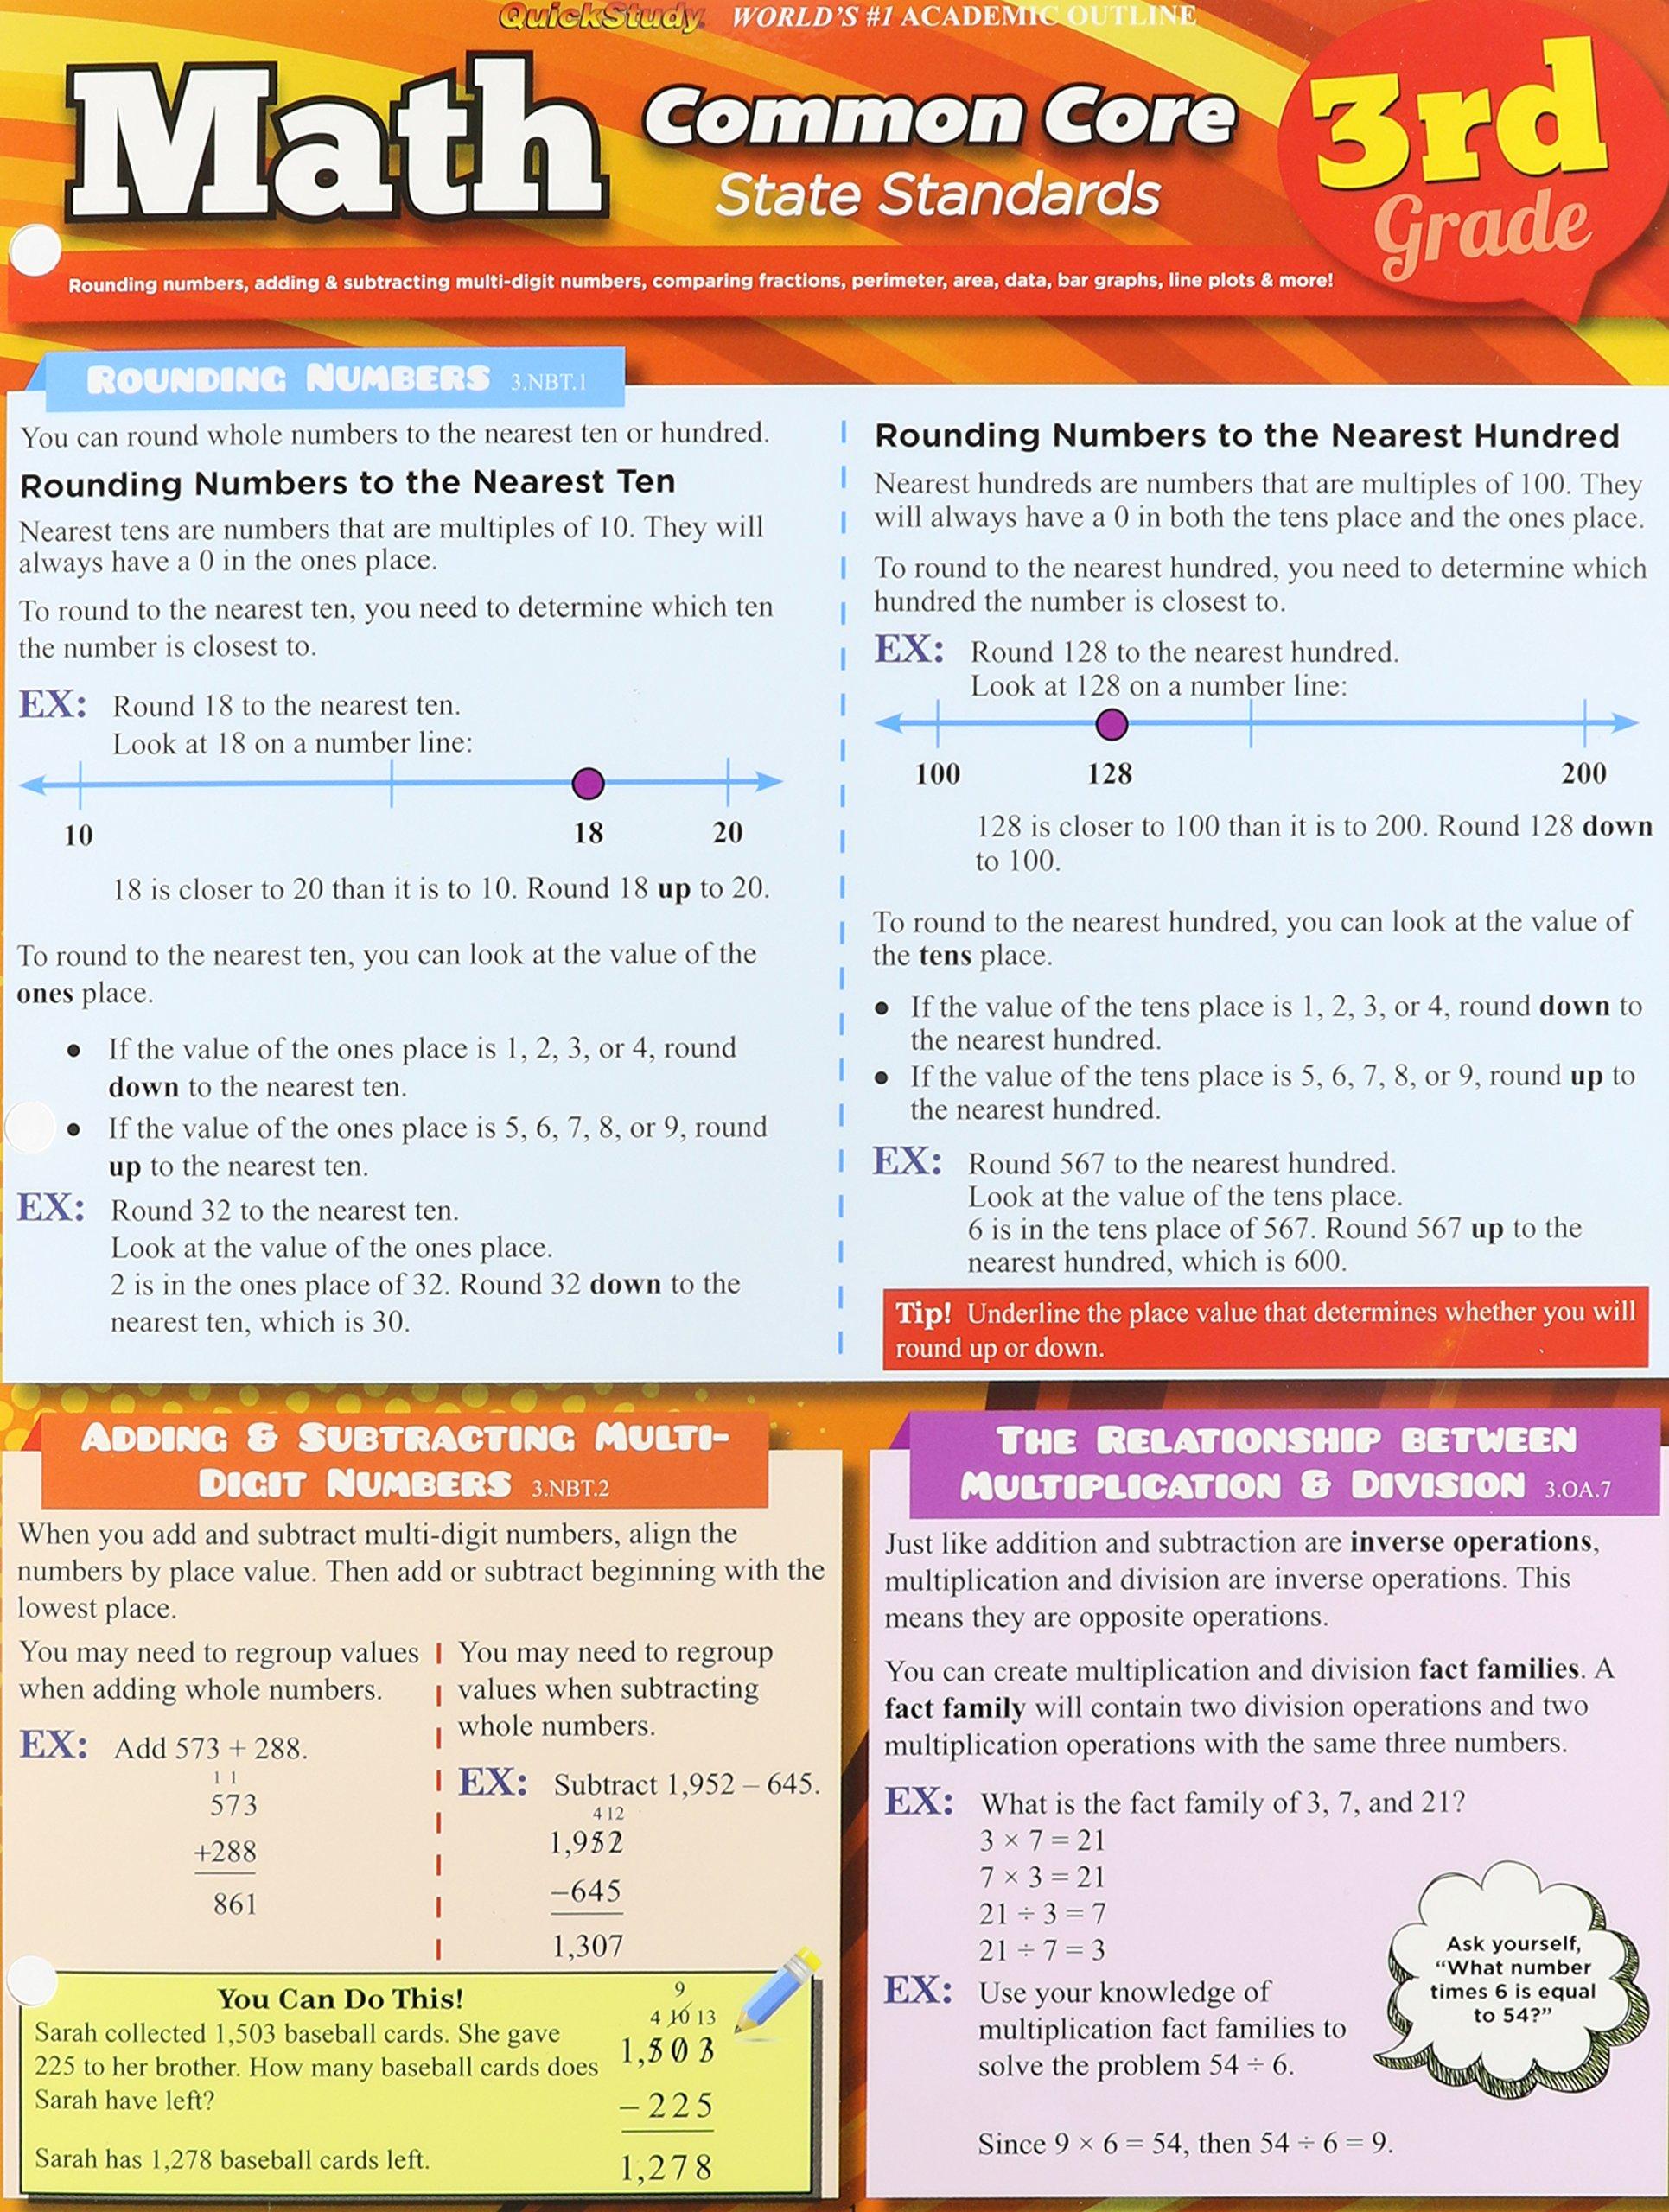 91wQEGu44+L amazon com math common core 3rd grade (quick study) (9781423221579